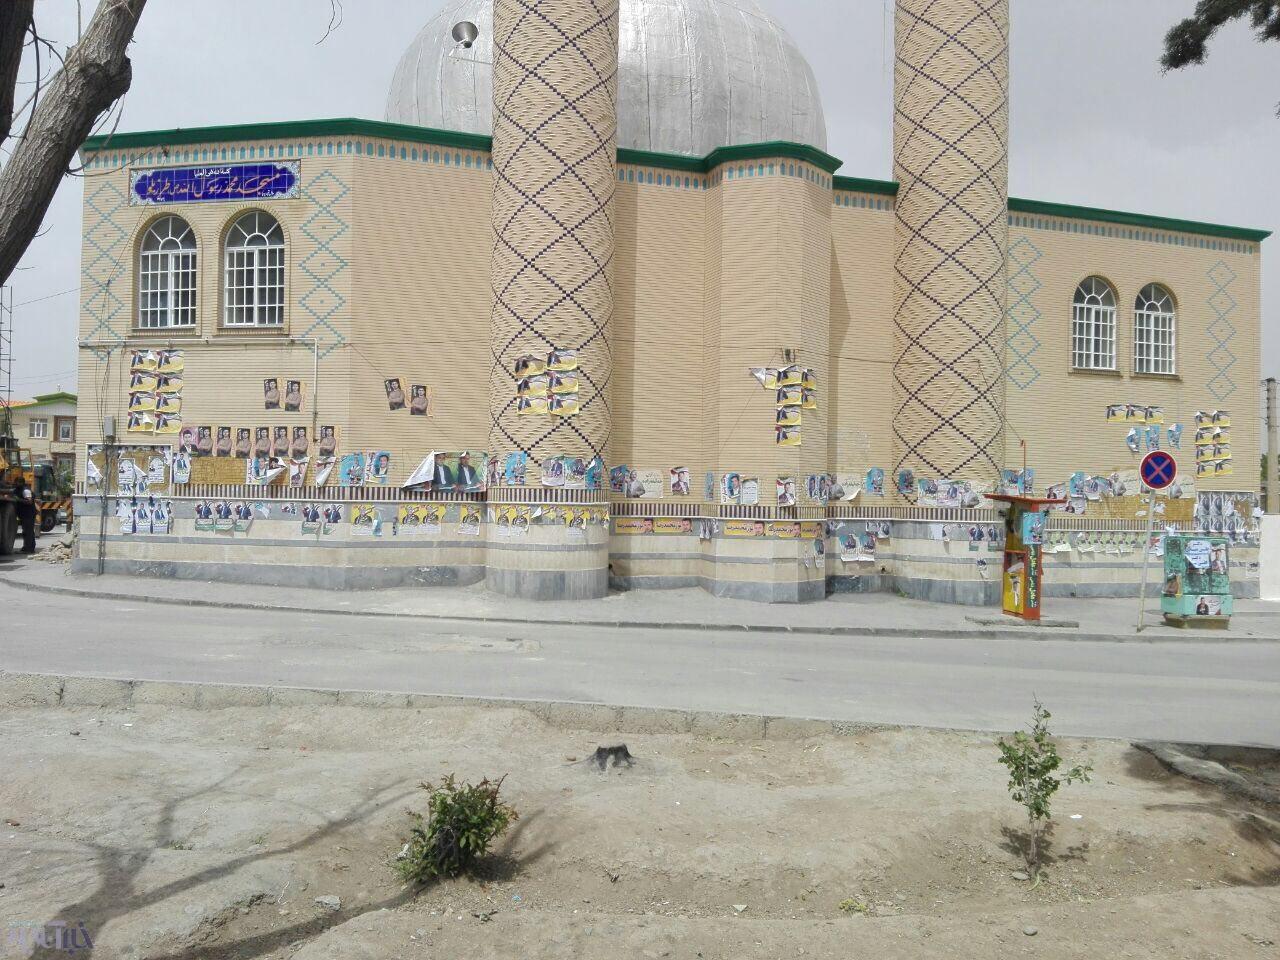 وقتی کاندیداها، به مسجد هم رحم نمی کنند!